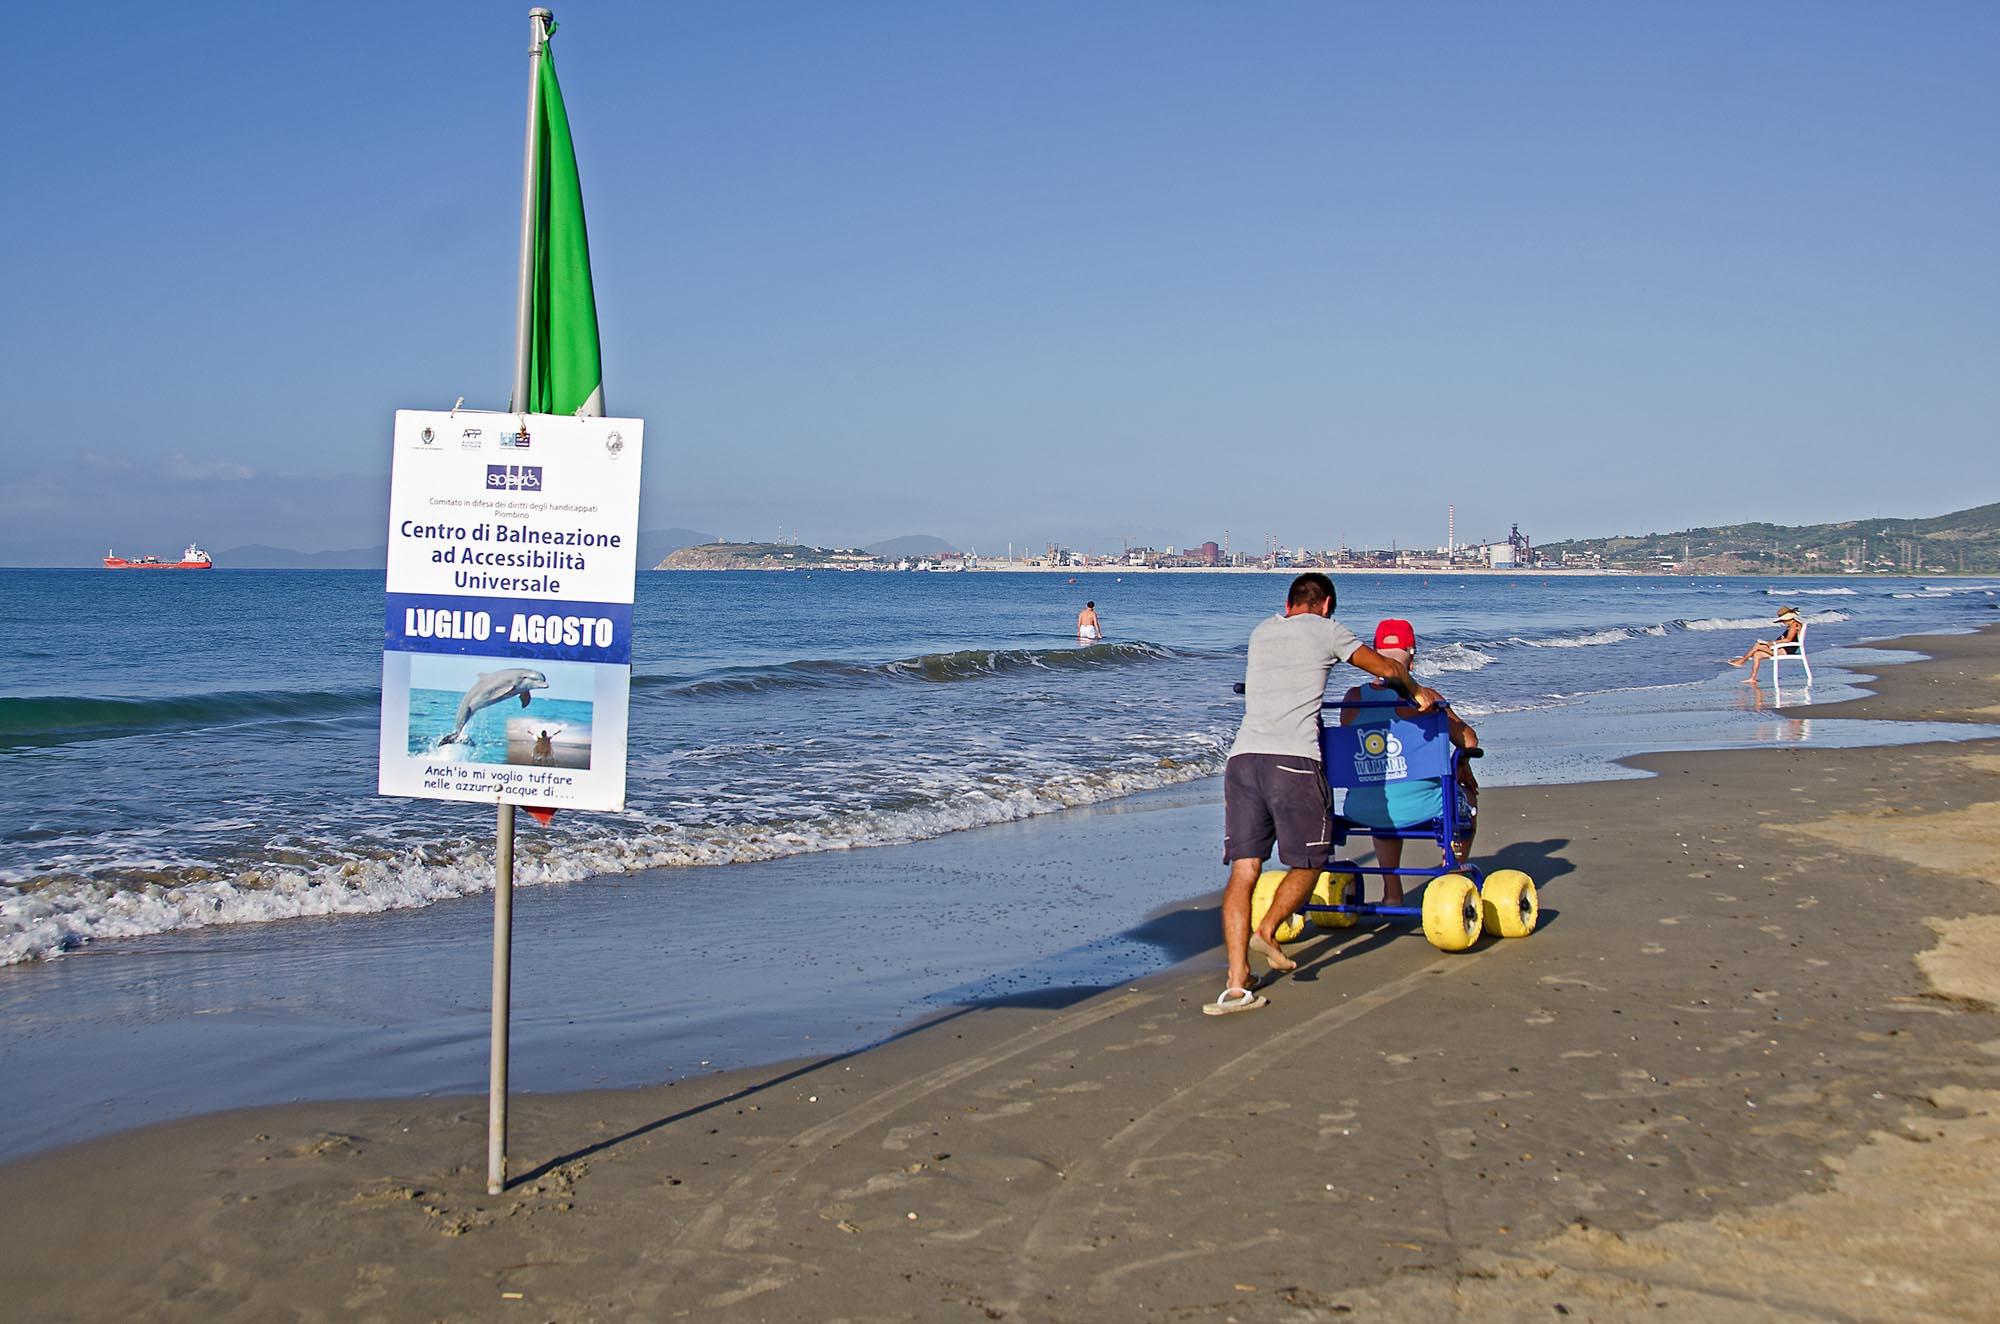 0145 Assistenza bagnanti con disabilita - Assistenza disabili in spiaggia, tutti al mare